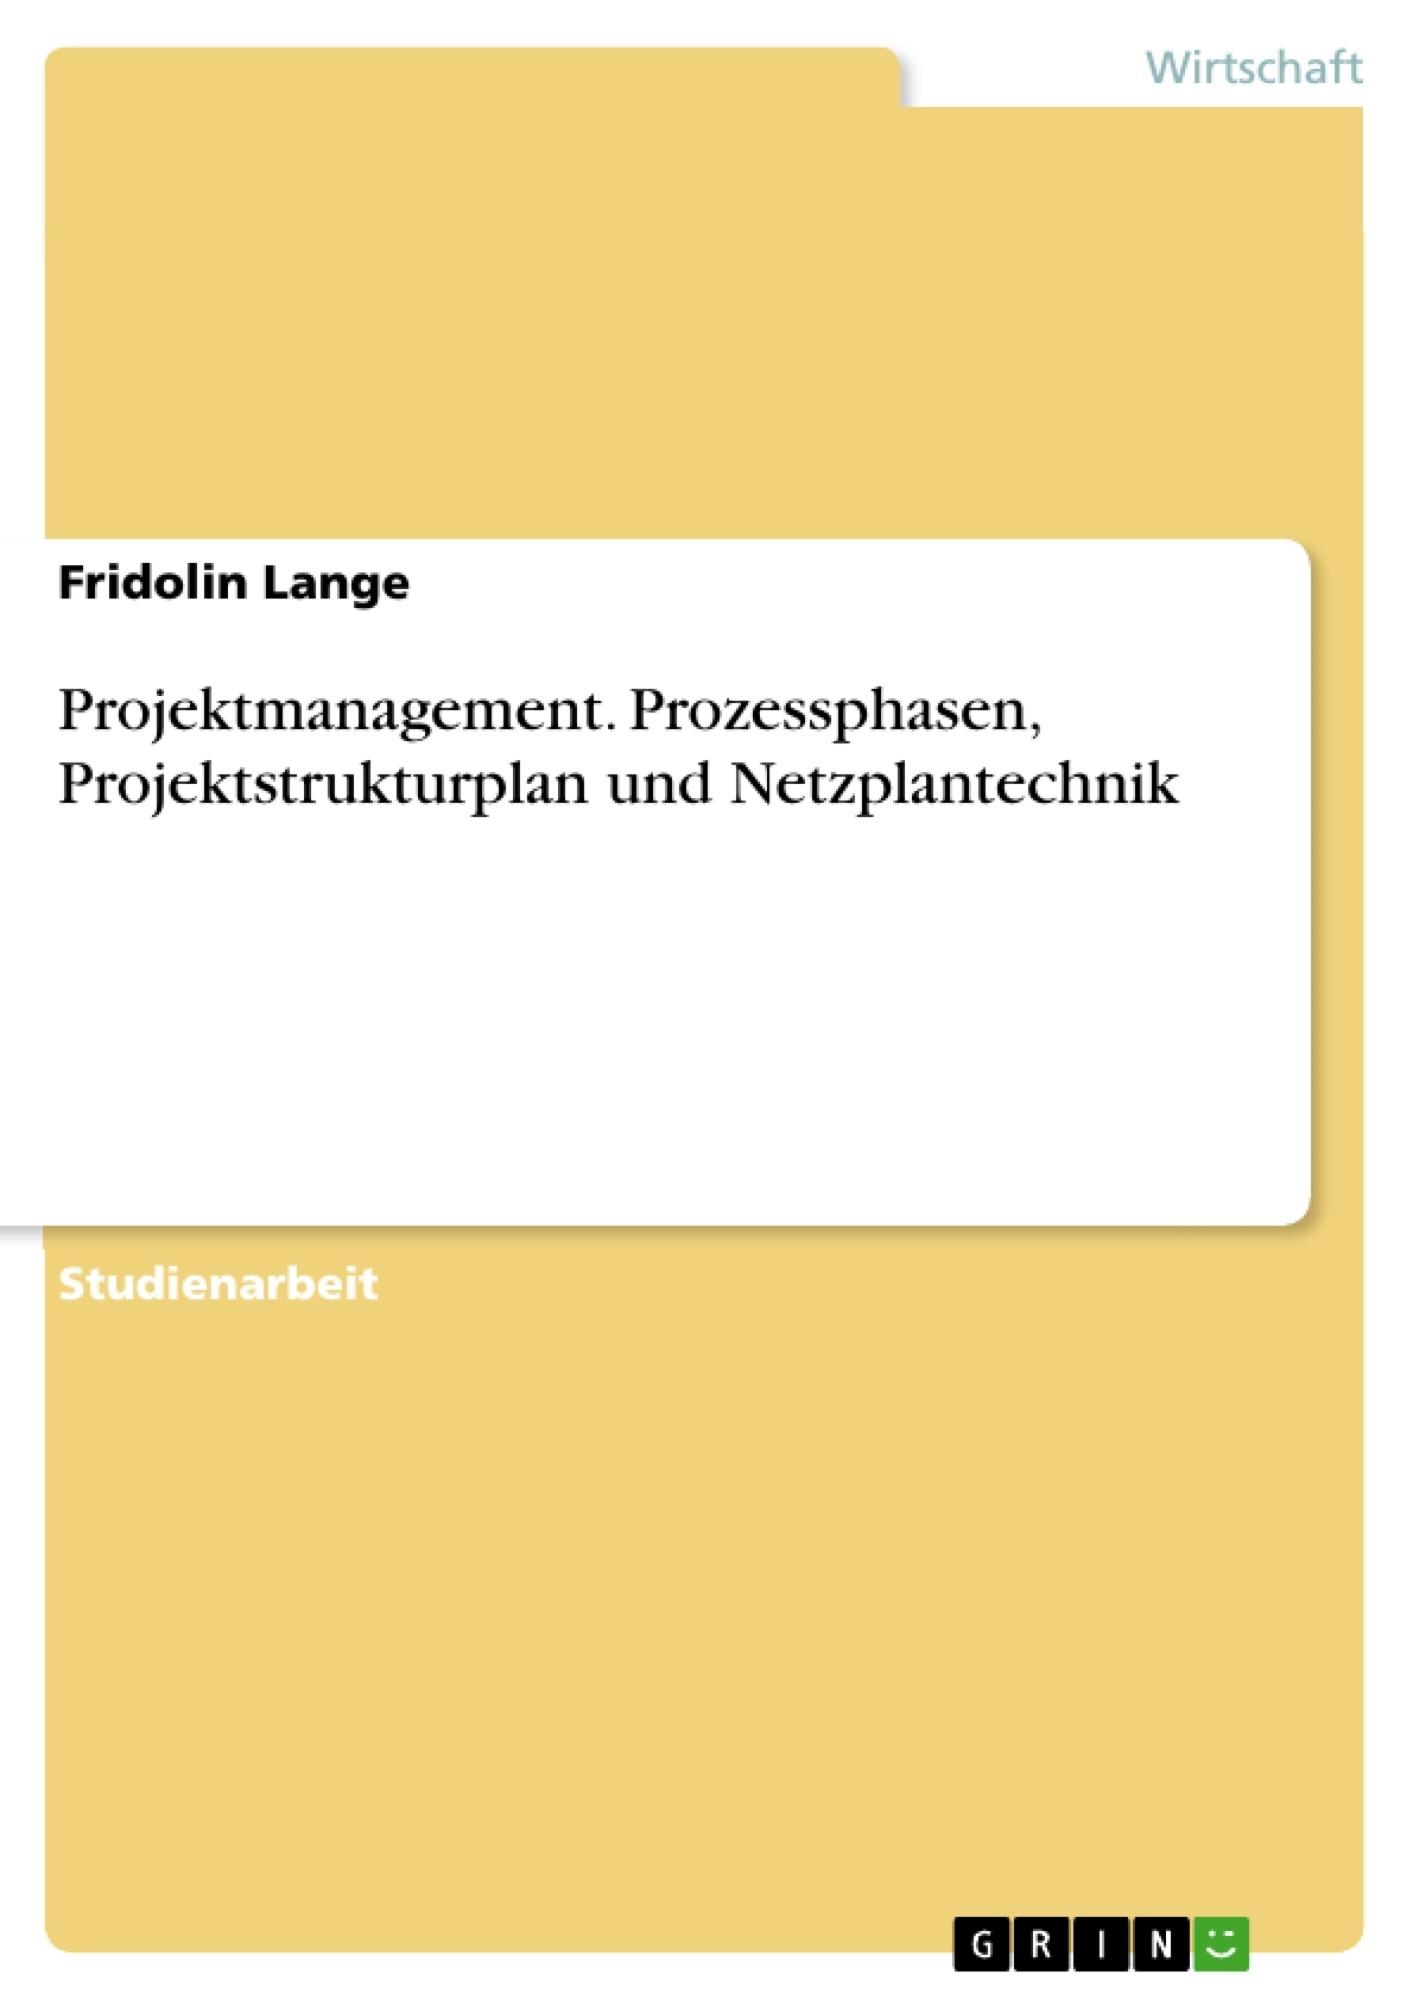 Titel: Projektmanagement. Prozessphasen, Projektstrukturplan und Netzplantechnik